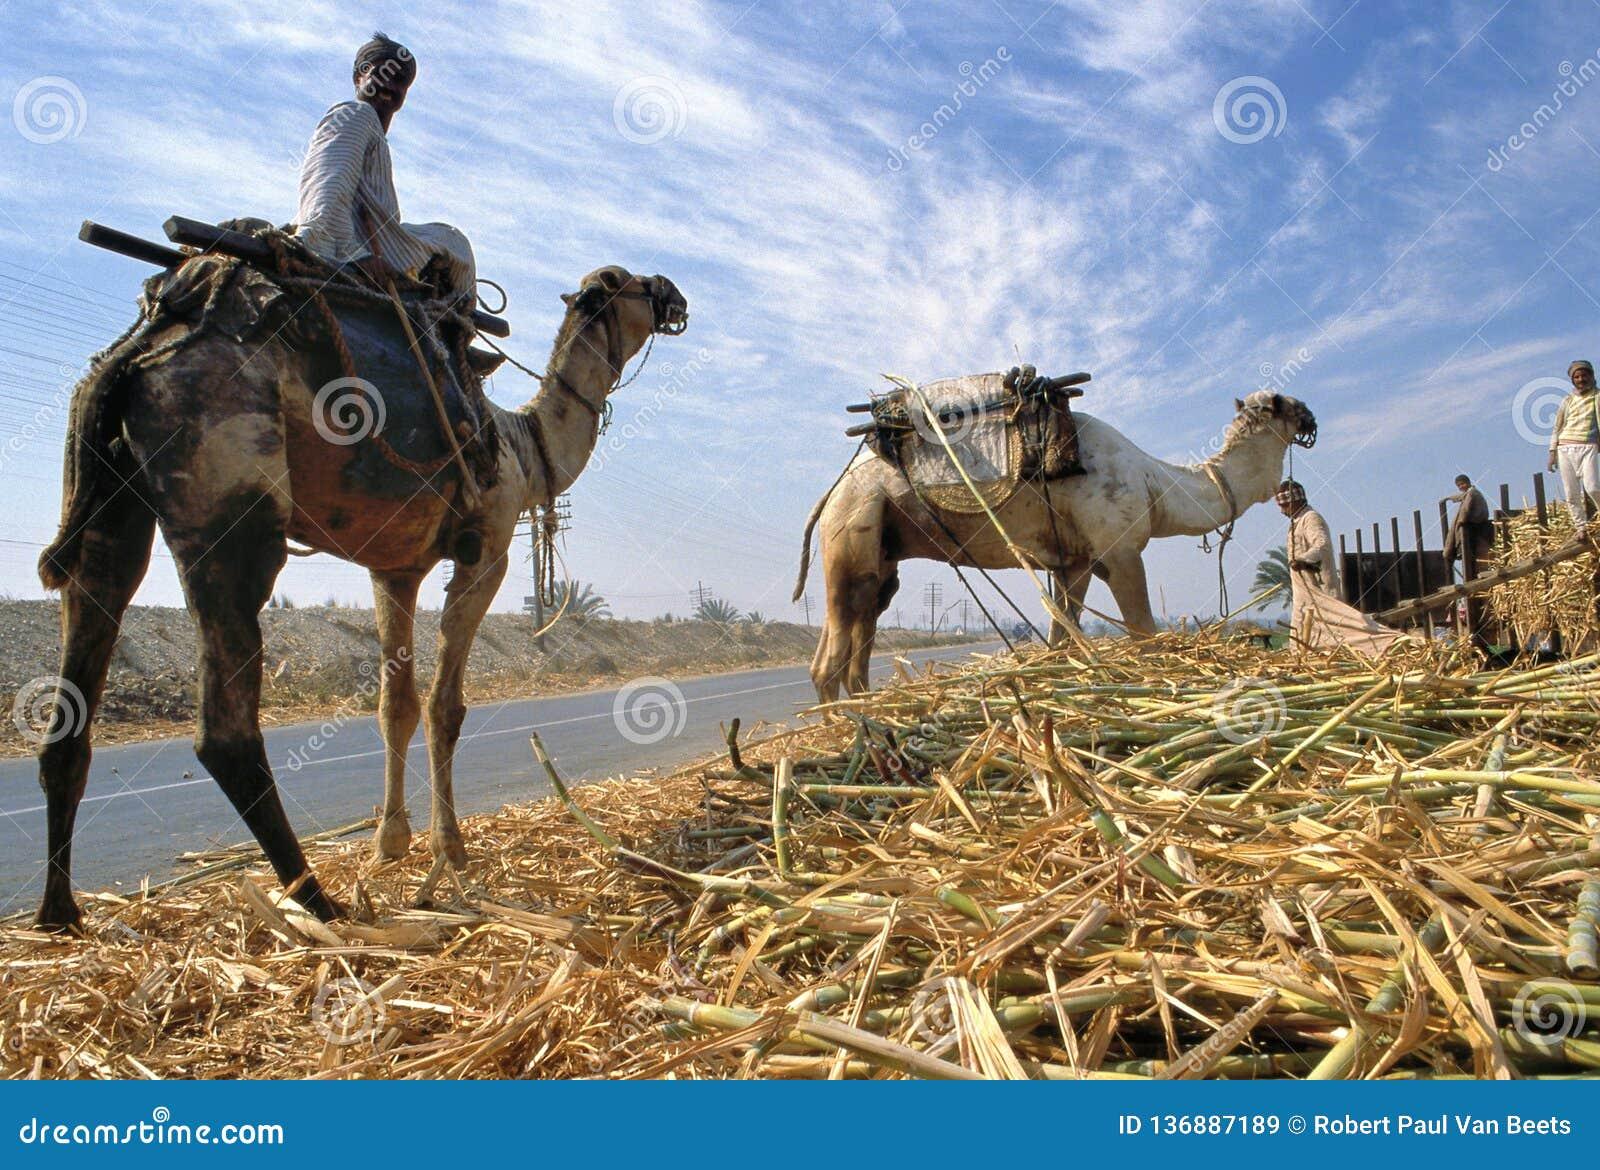 Συγκομιδή καλάμων ζάχαρης στην Αίγυπτο